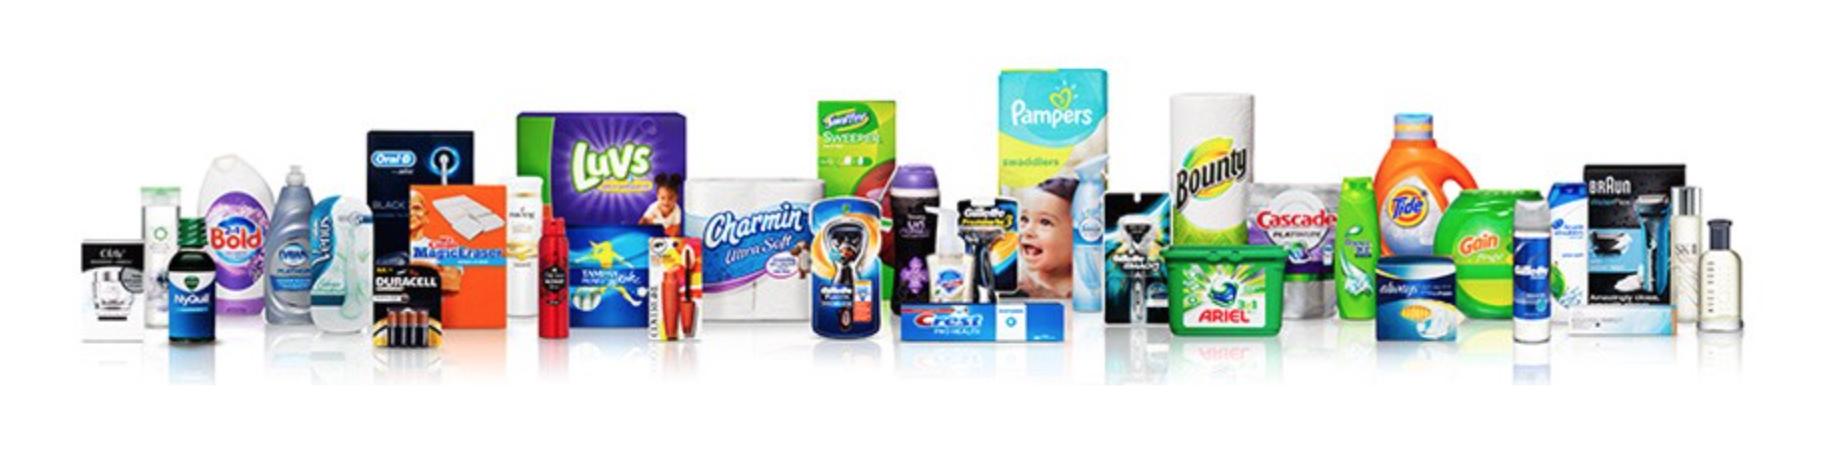 P&G Family of Brands